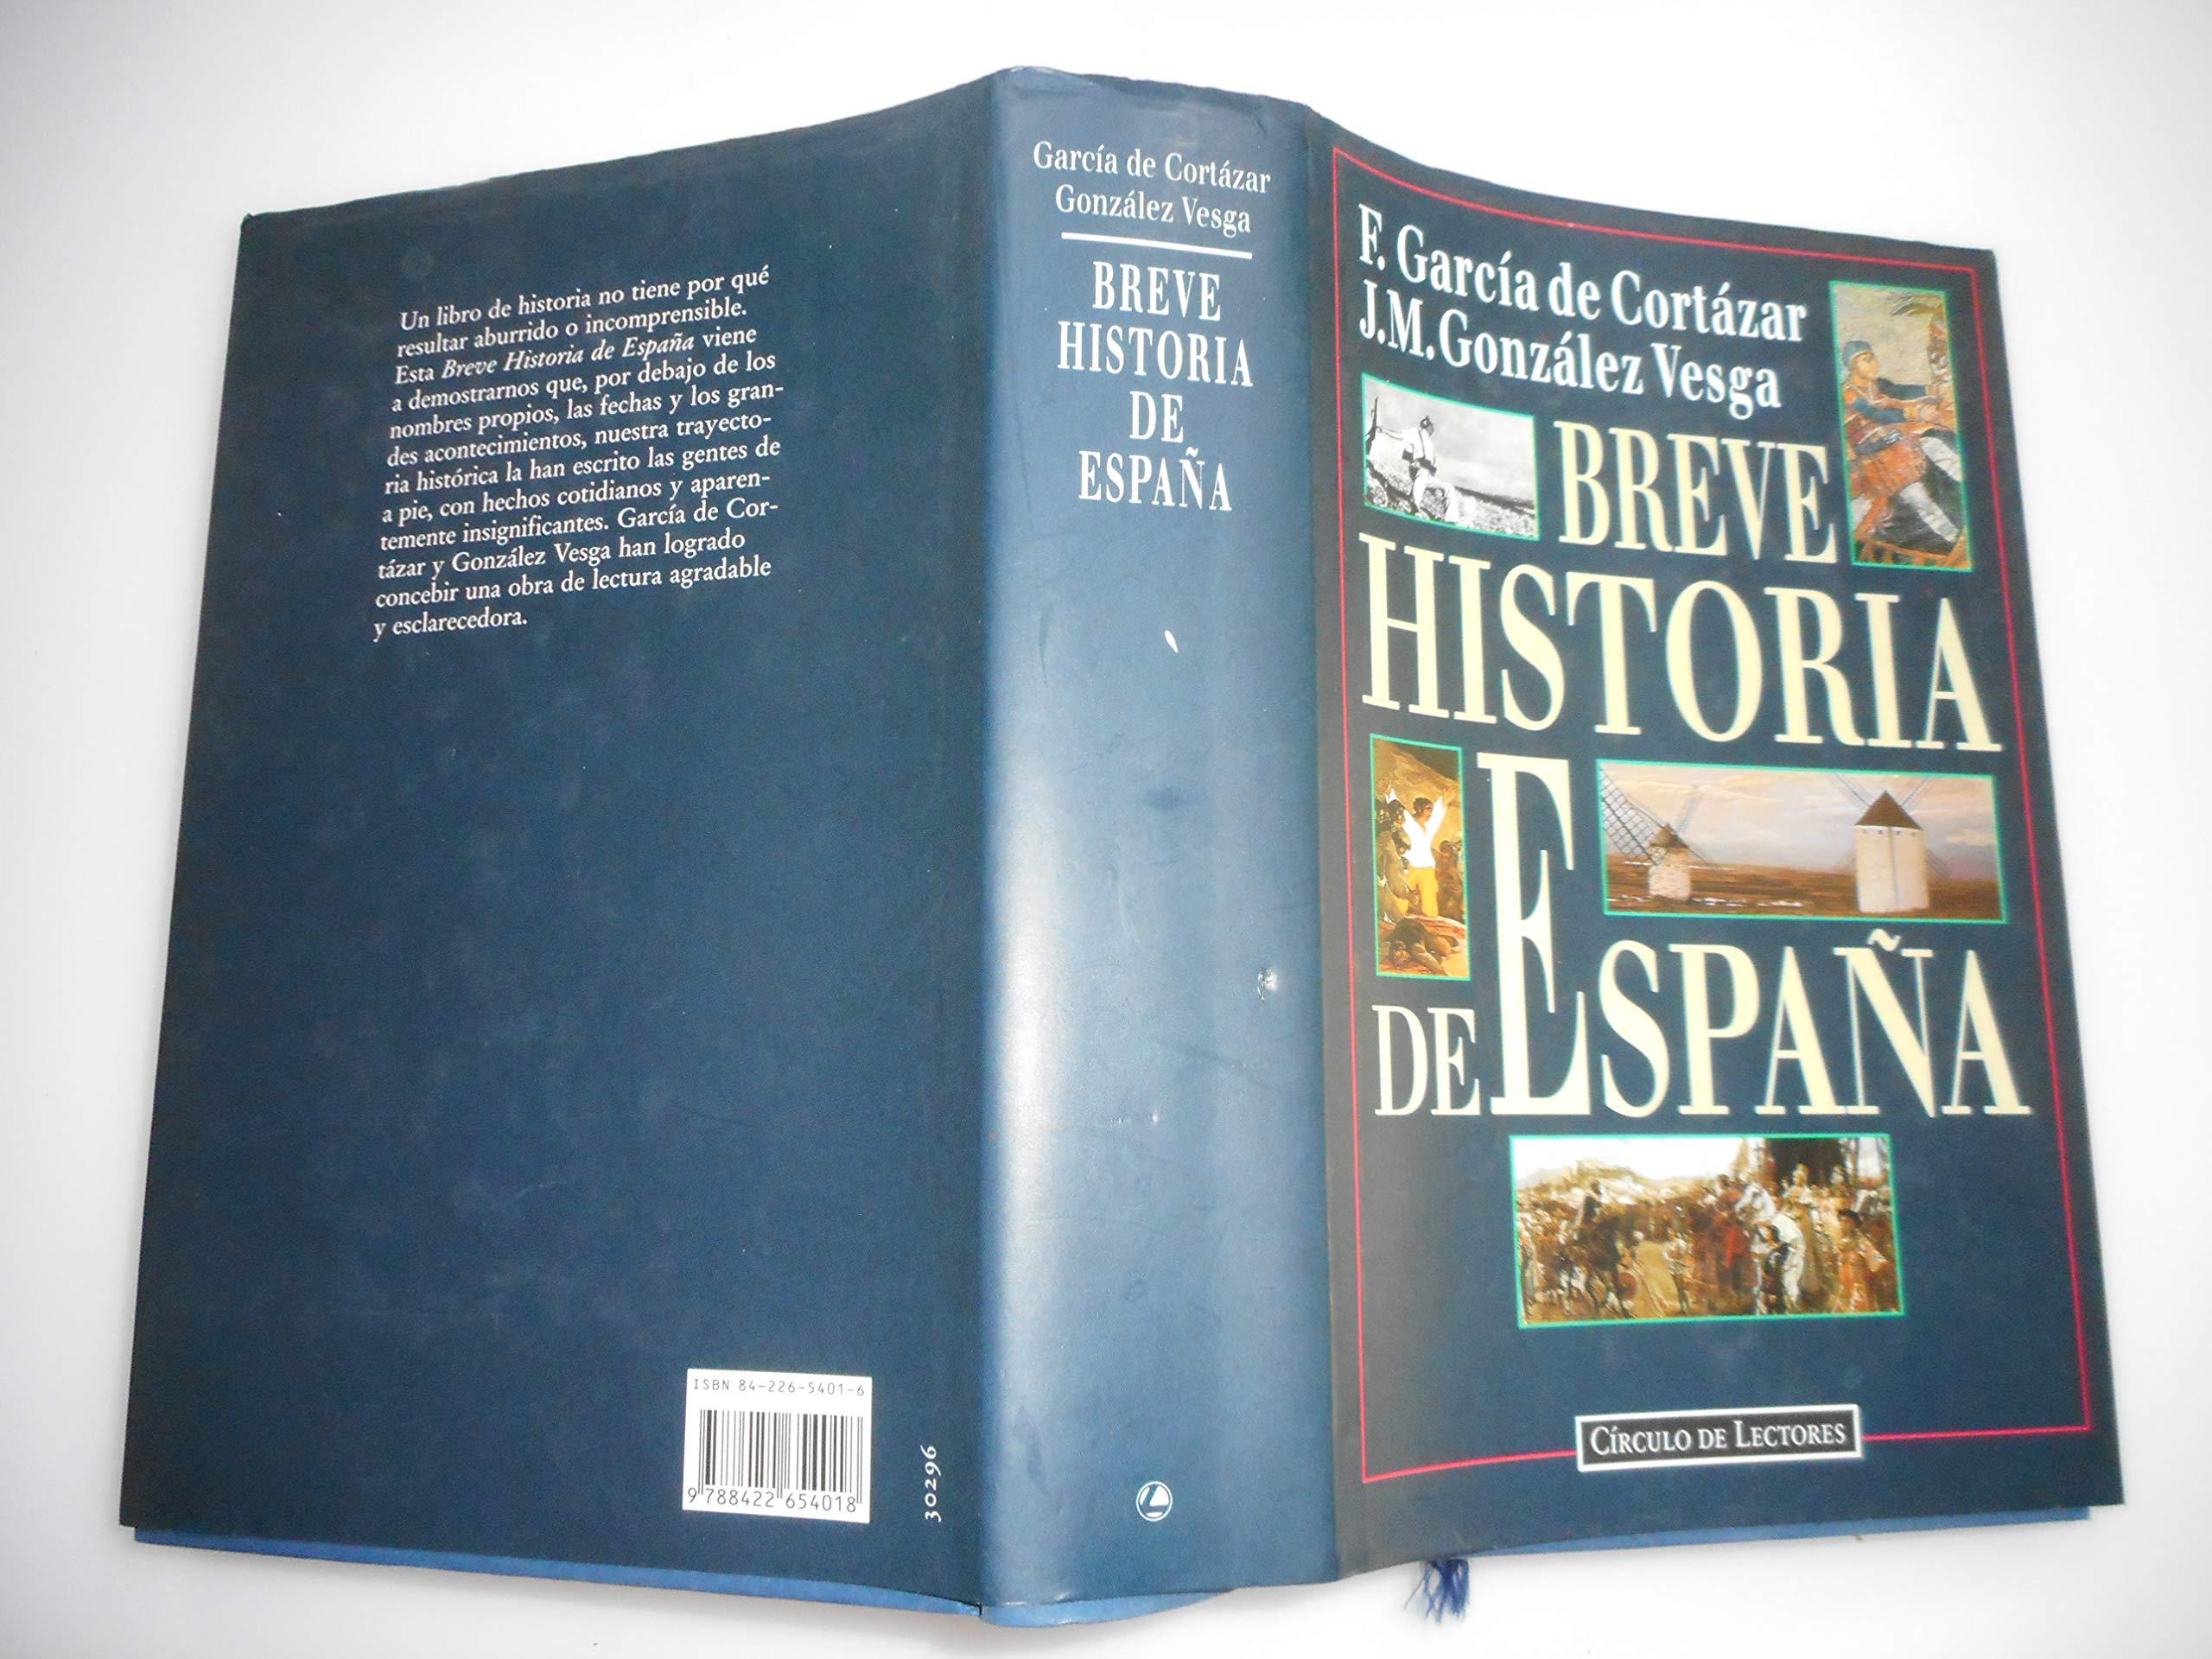 Breve historia de España: Amazon.es: Garcia De Cortazar, Fernando: Libros